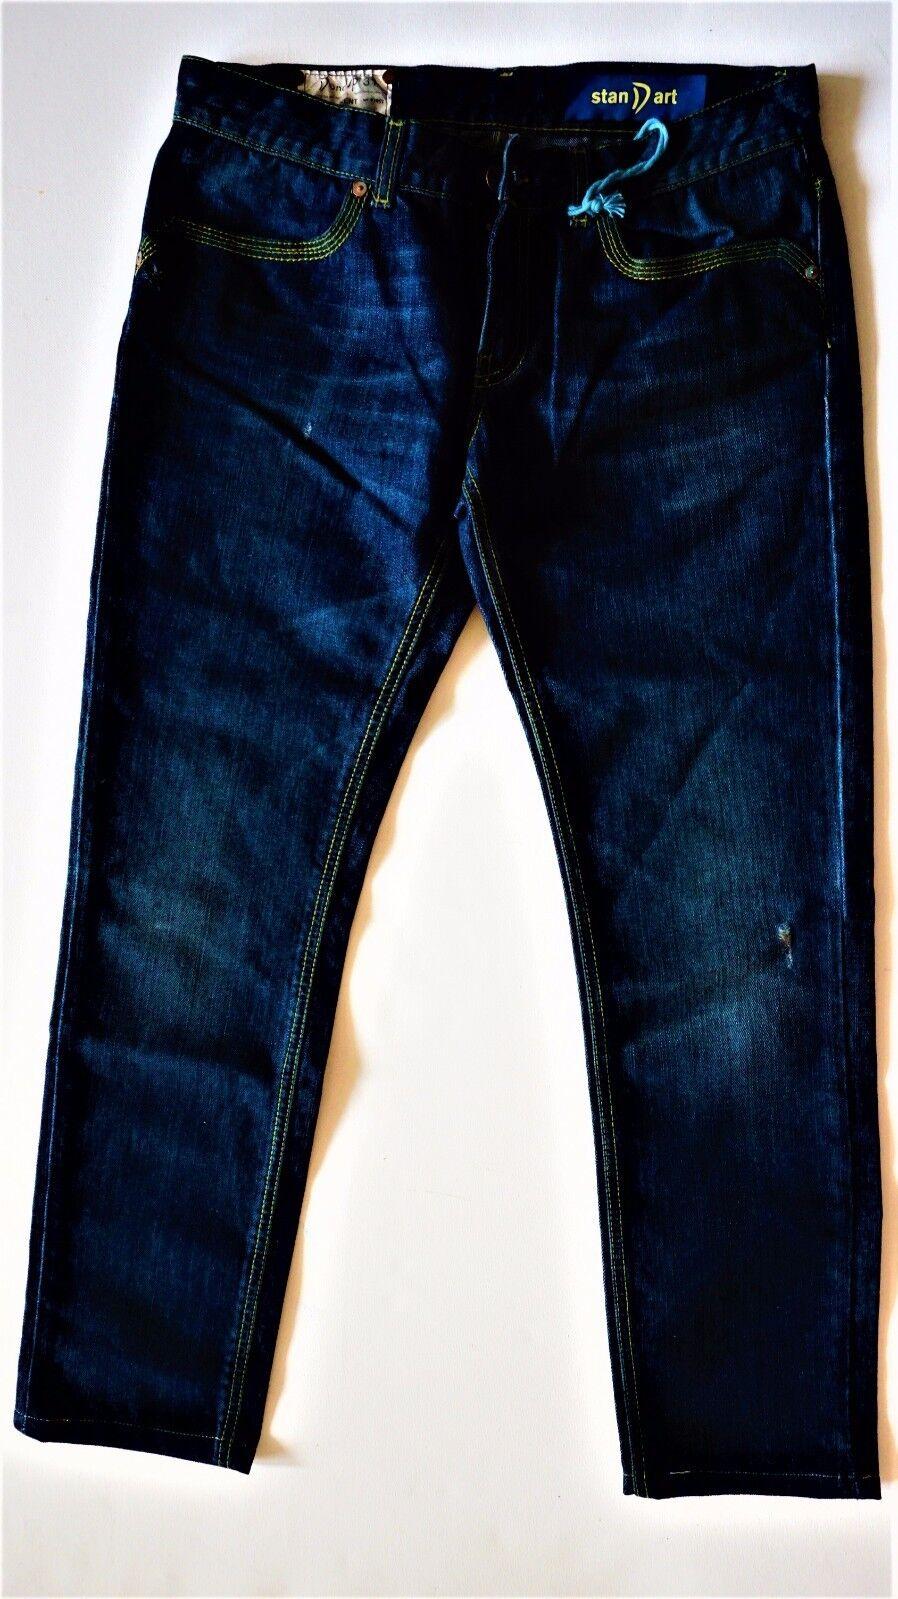 Dondup Standart Kent Herren Jeans Blau Rein Baumwolle Destroyed Wasch Große; 31